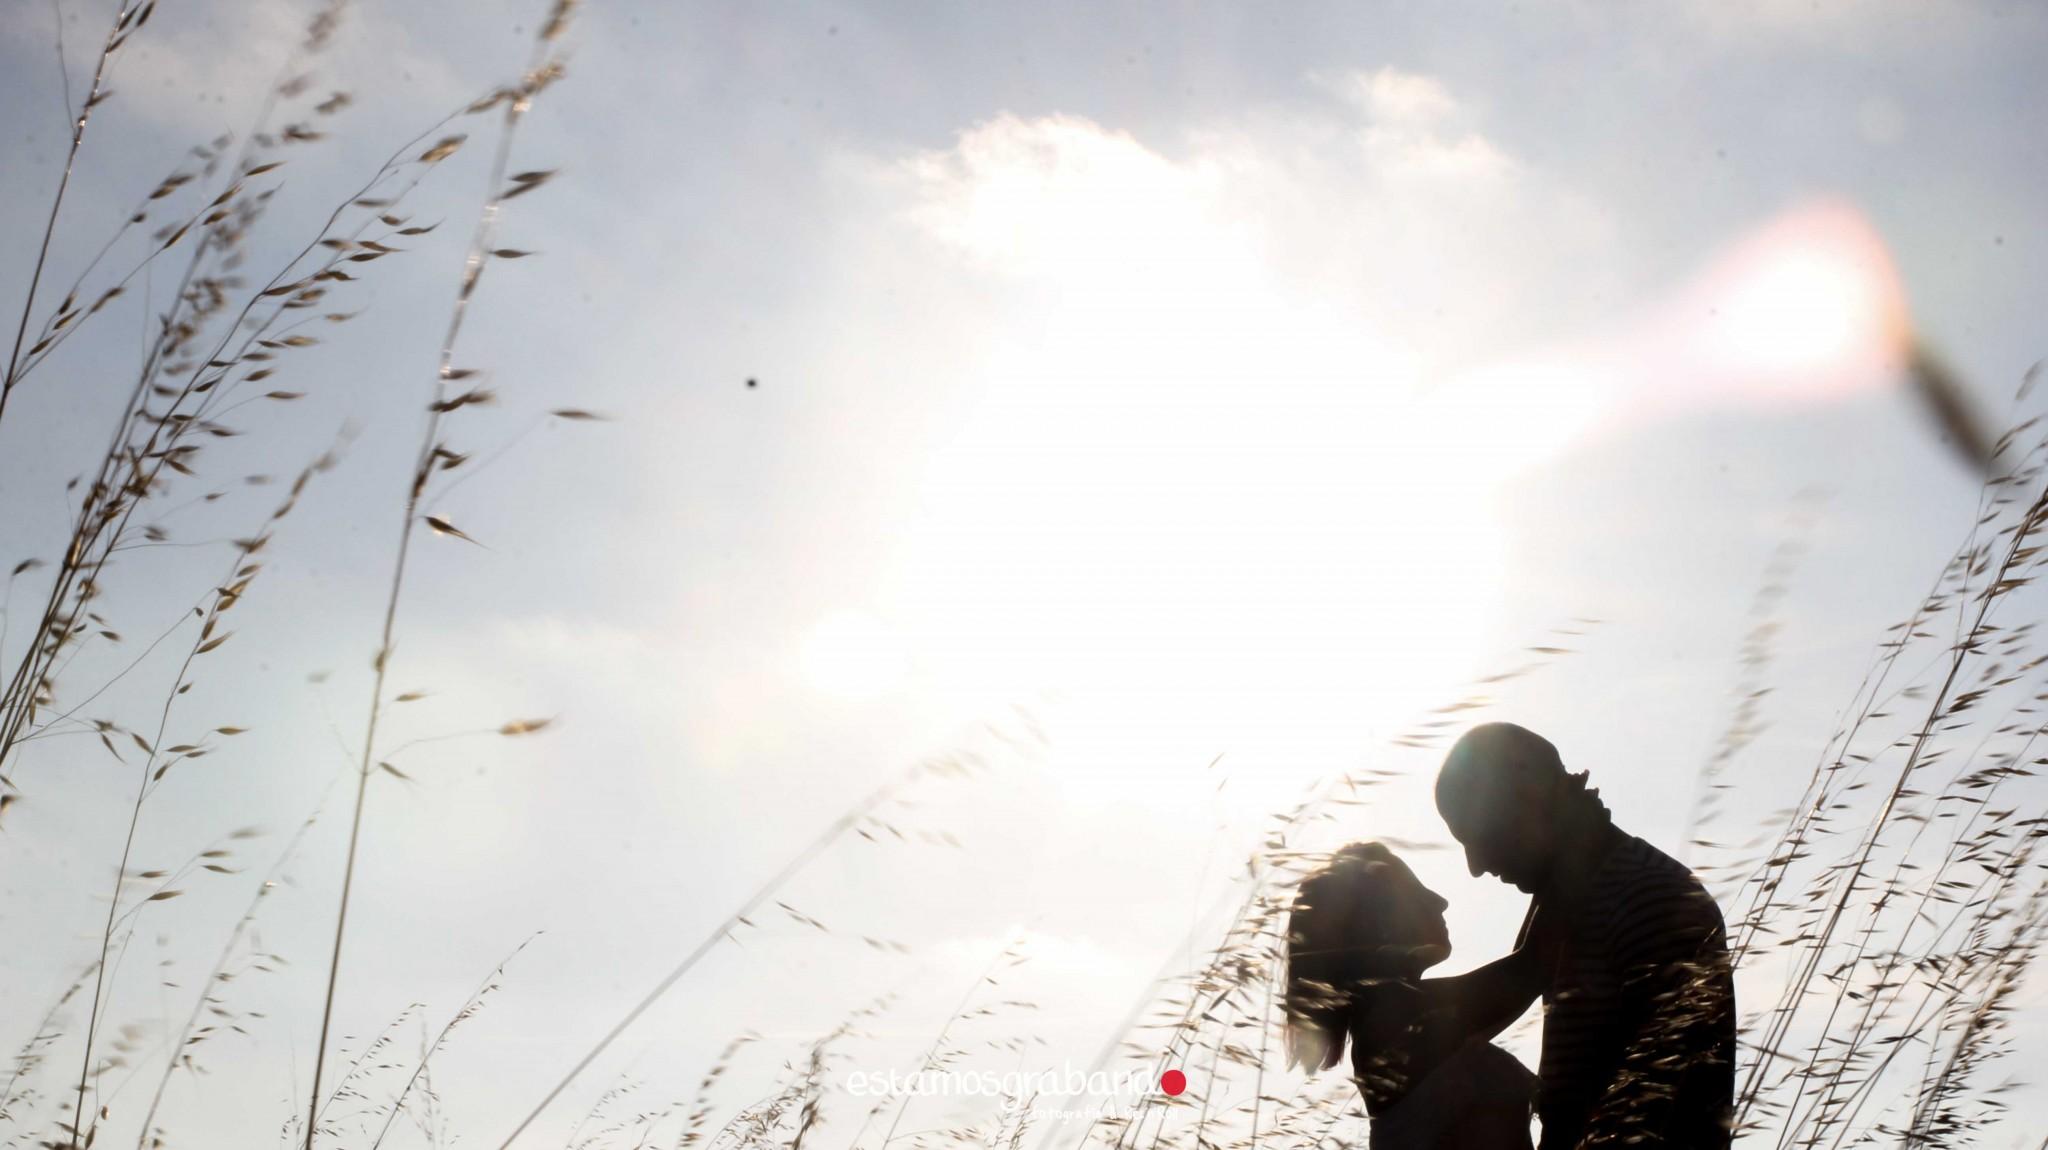 pareja-misteriosa_estamosgrabando-91 Sancti Petri y sus luces [Preboda Raquel & Ale] - video boda cadiz